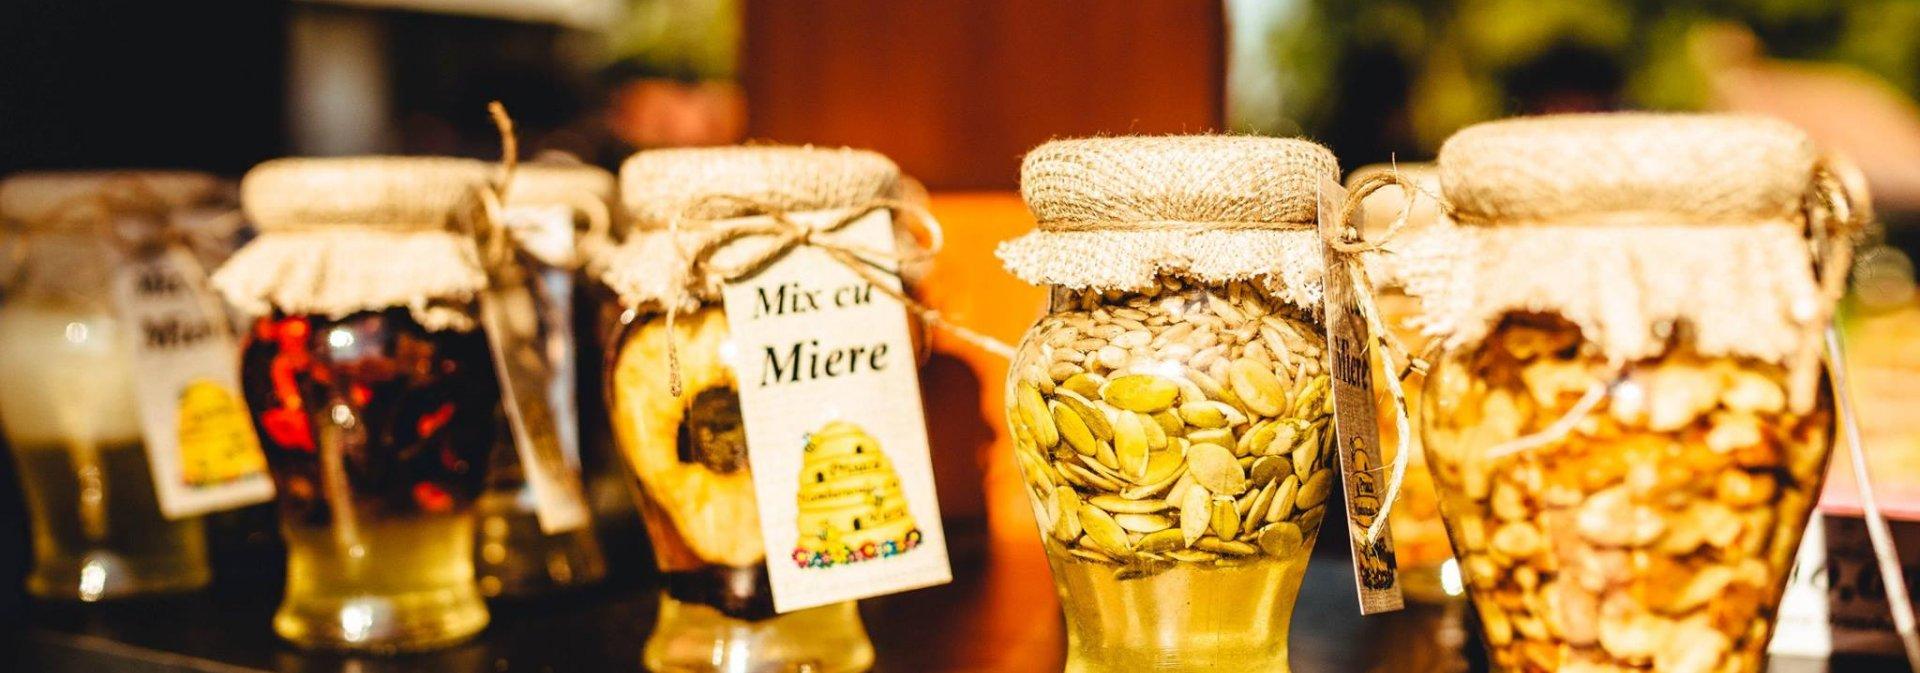 Prisaca Hambărașul cu miere, Iecea Mare, Timiș